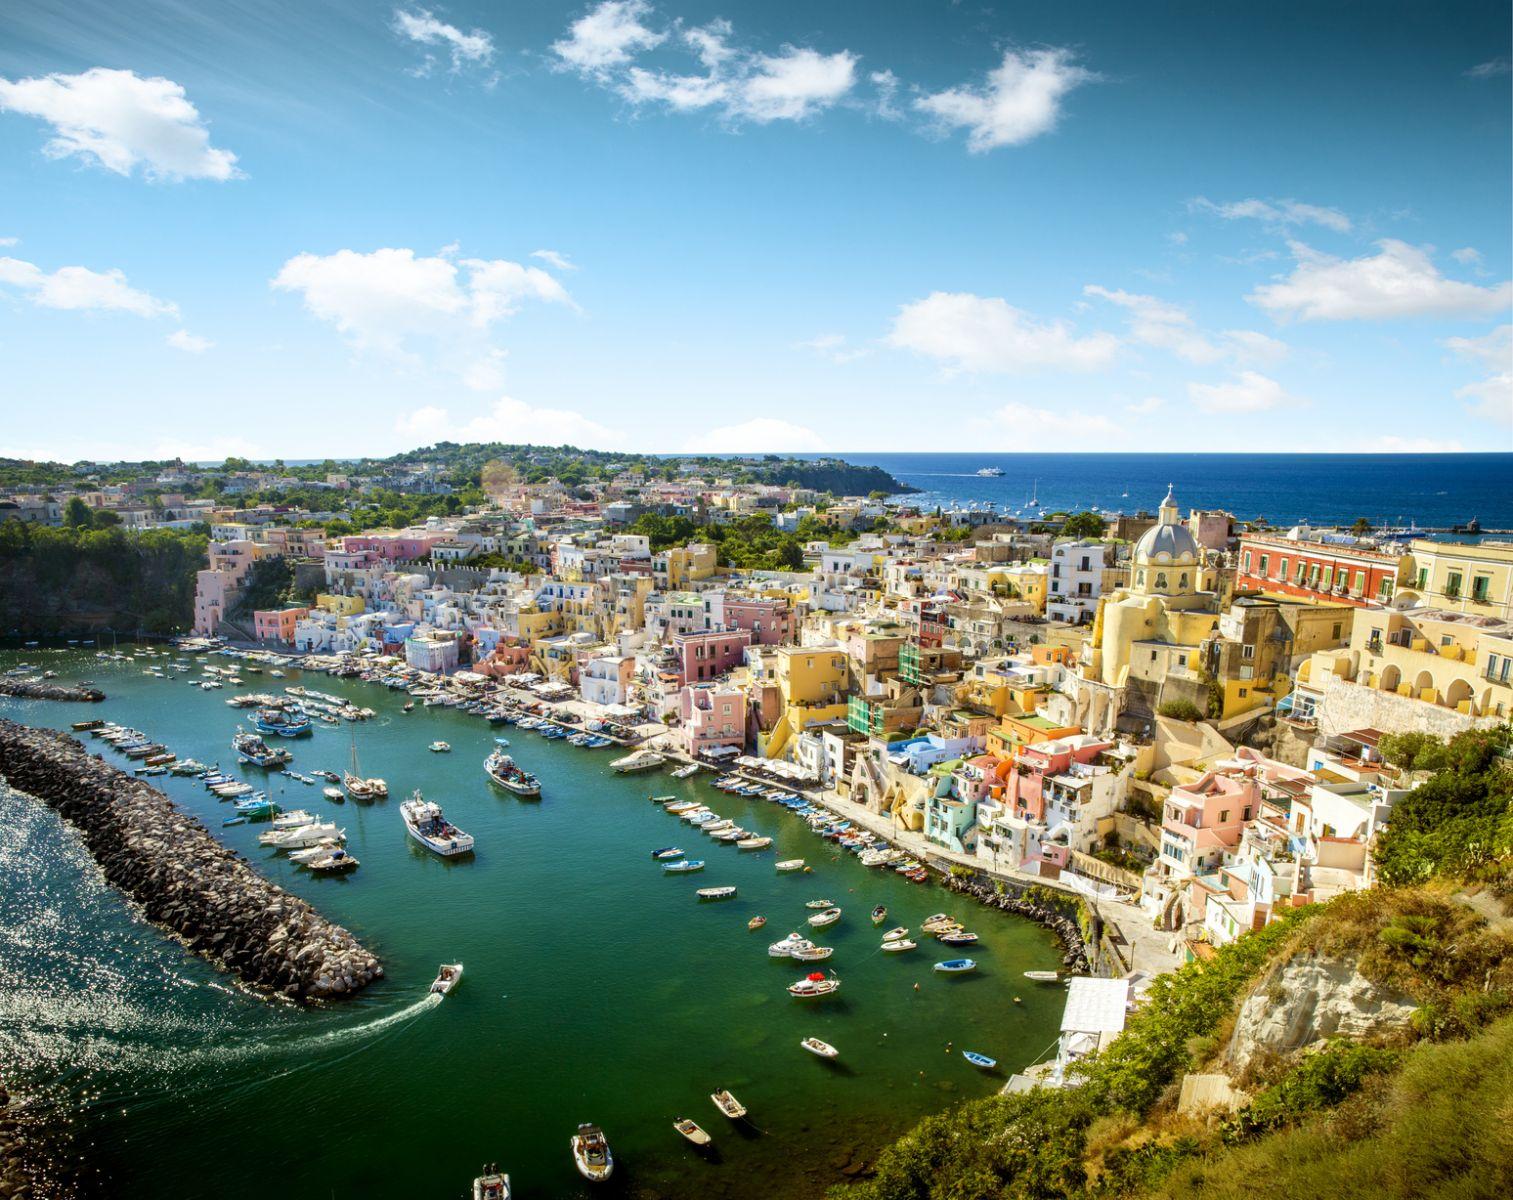 Vom Golf von Neapel aus gut erreichbar: die Pontinischen Inseln, hier Procida. ©mikolajn/AdobeStock